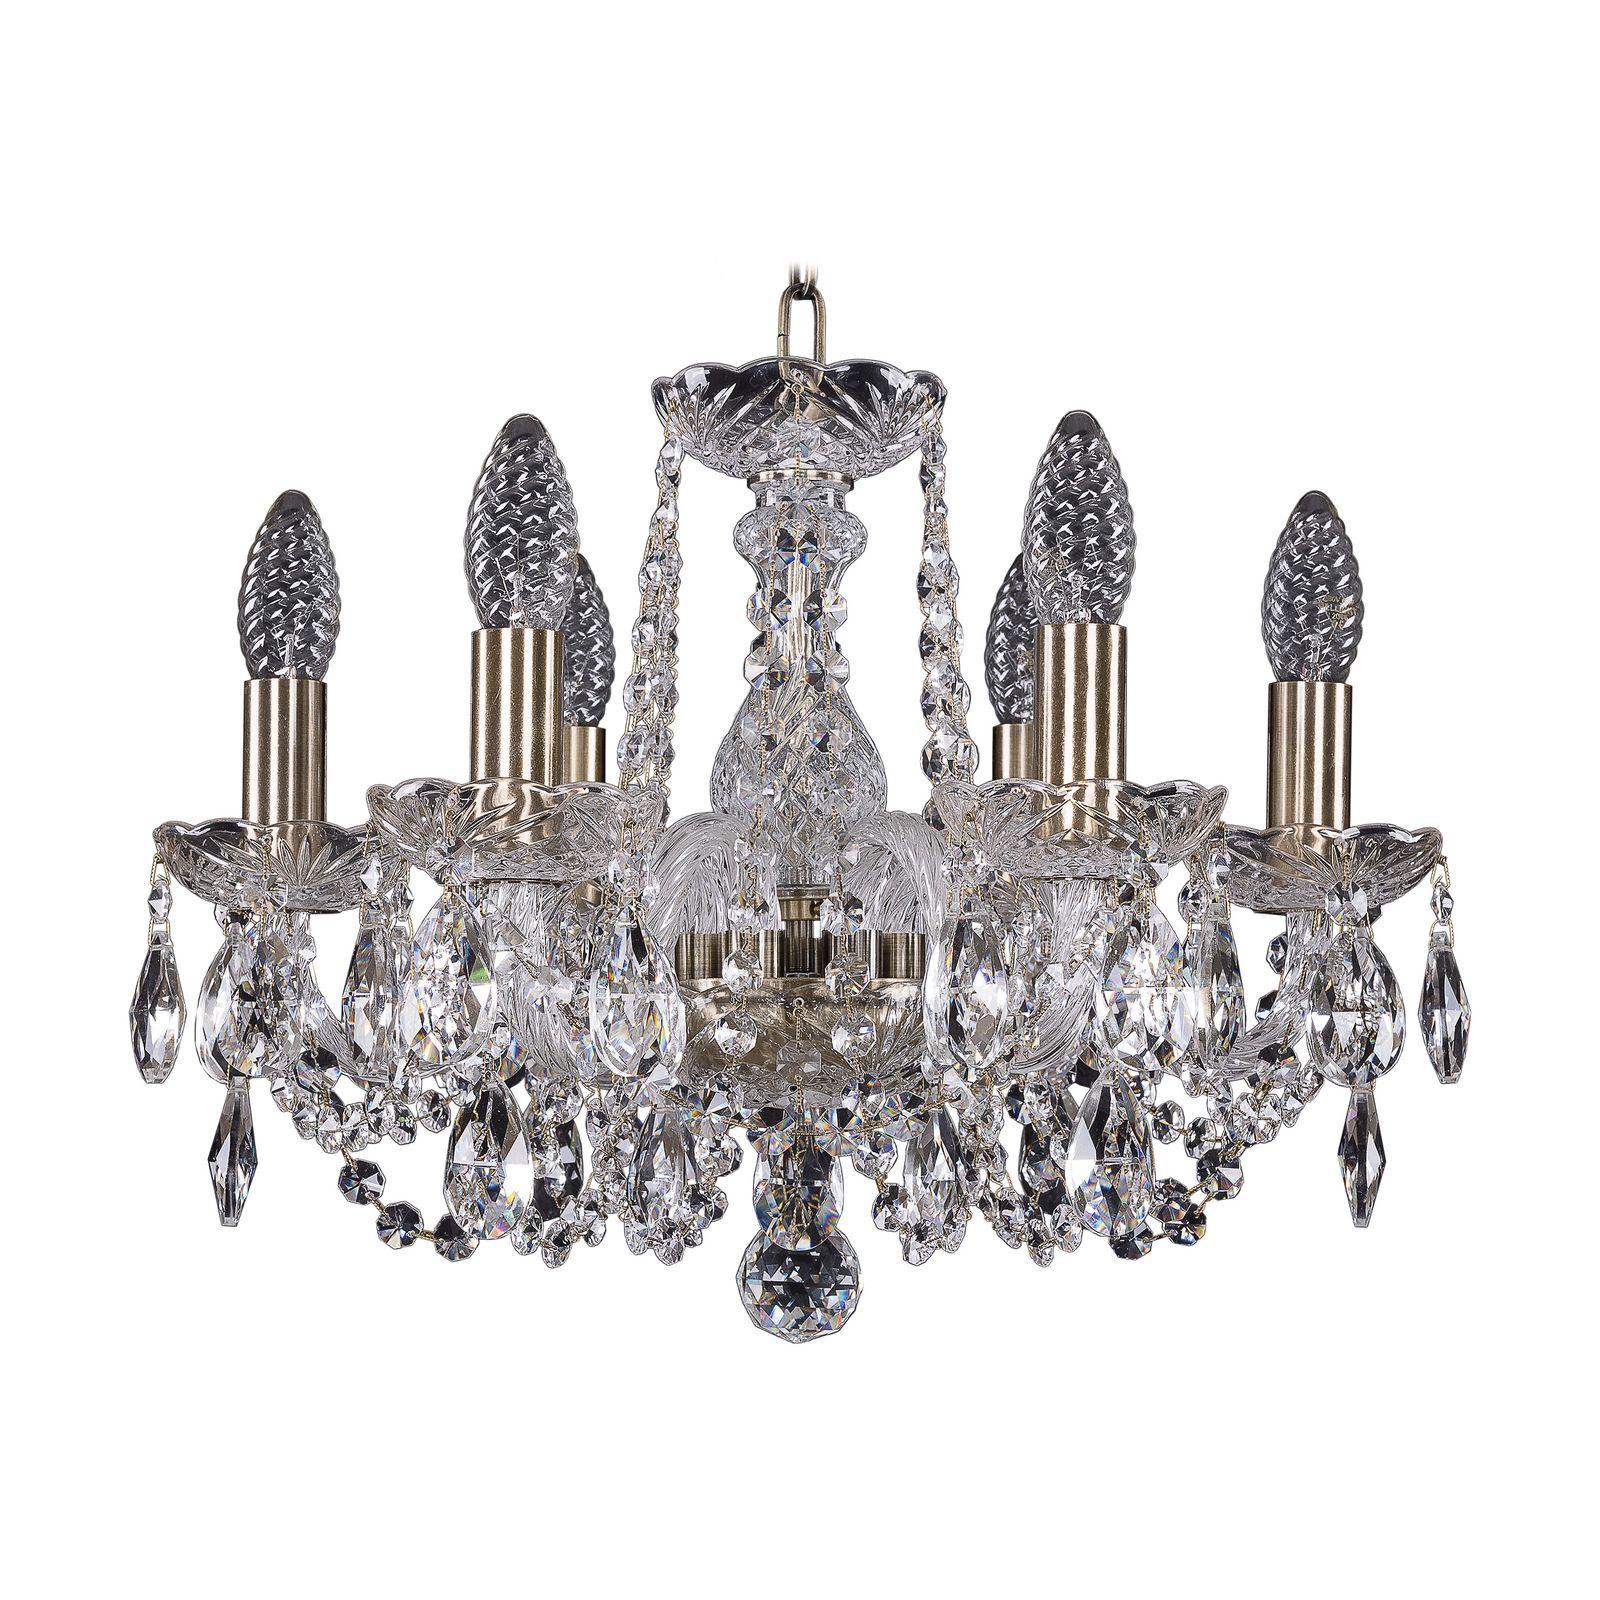 Потолочный светильник Bohemia Ivele Crystal 1402/6/141 Pa, E14, 40 Вт все цены